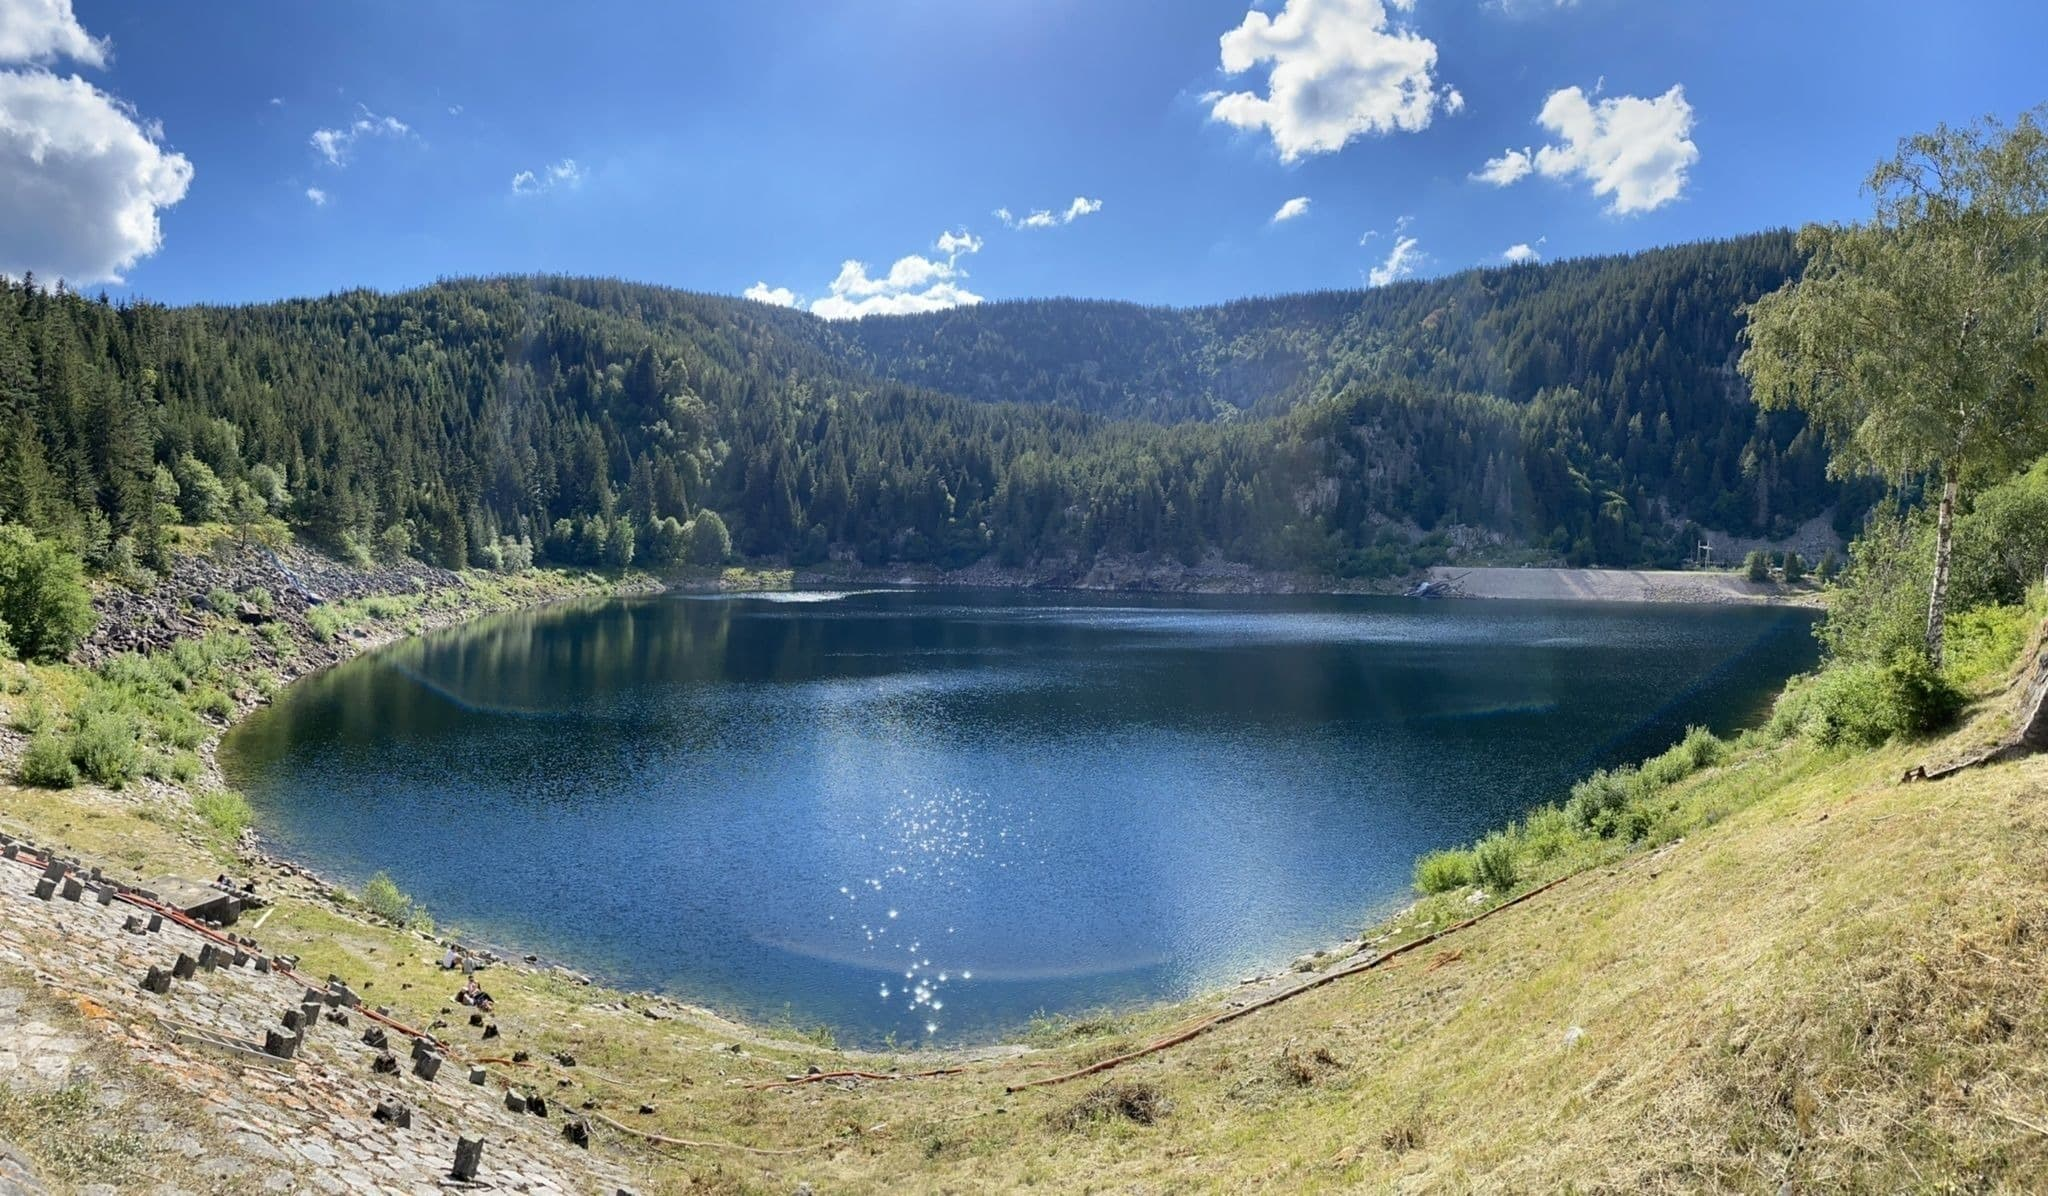 Randonnée Vosges : La randonnée des trois lacs